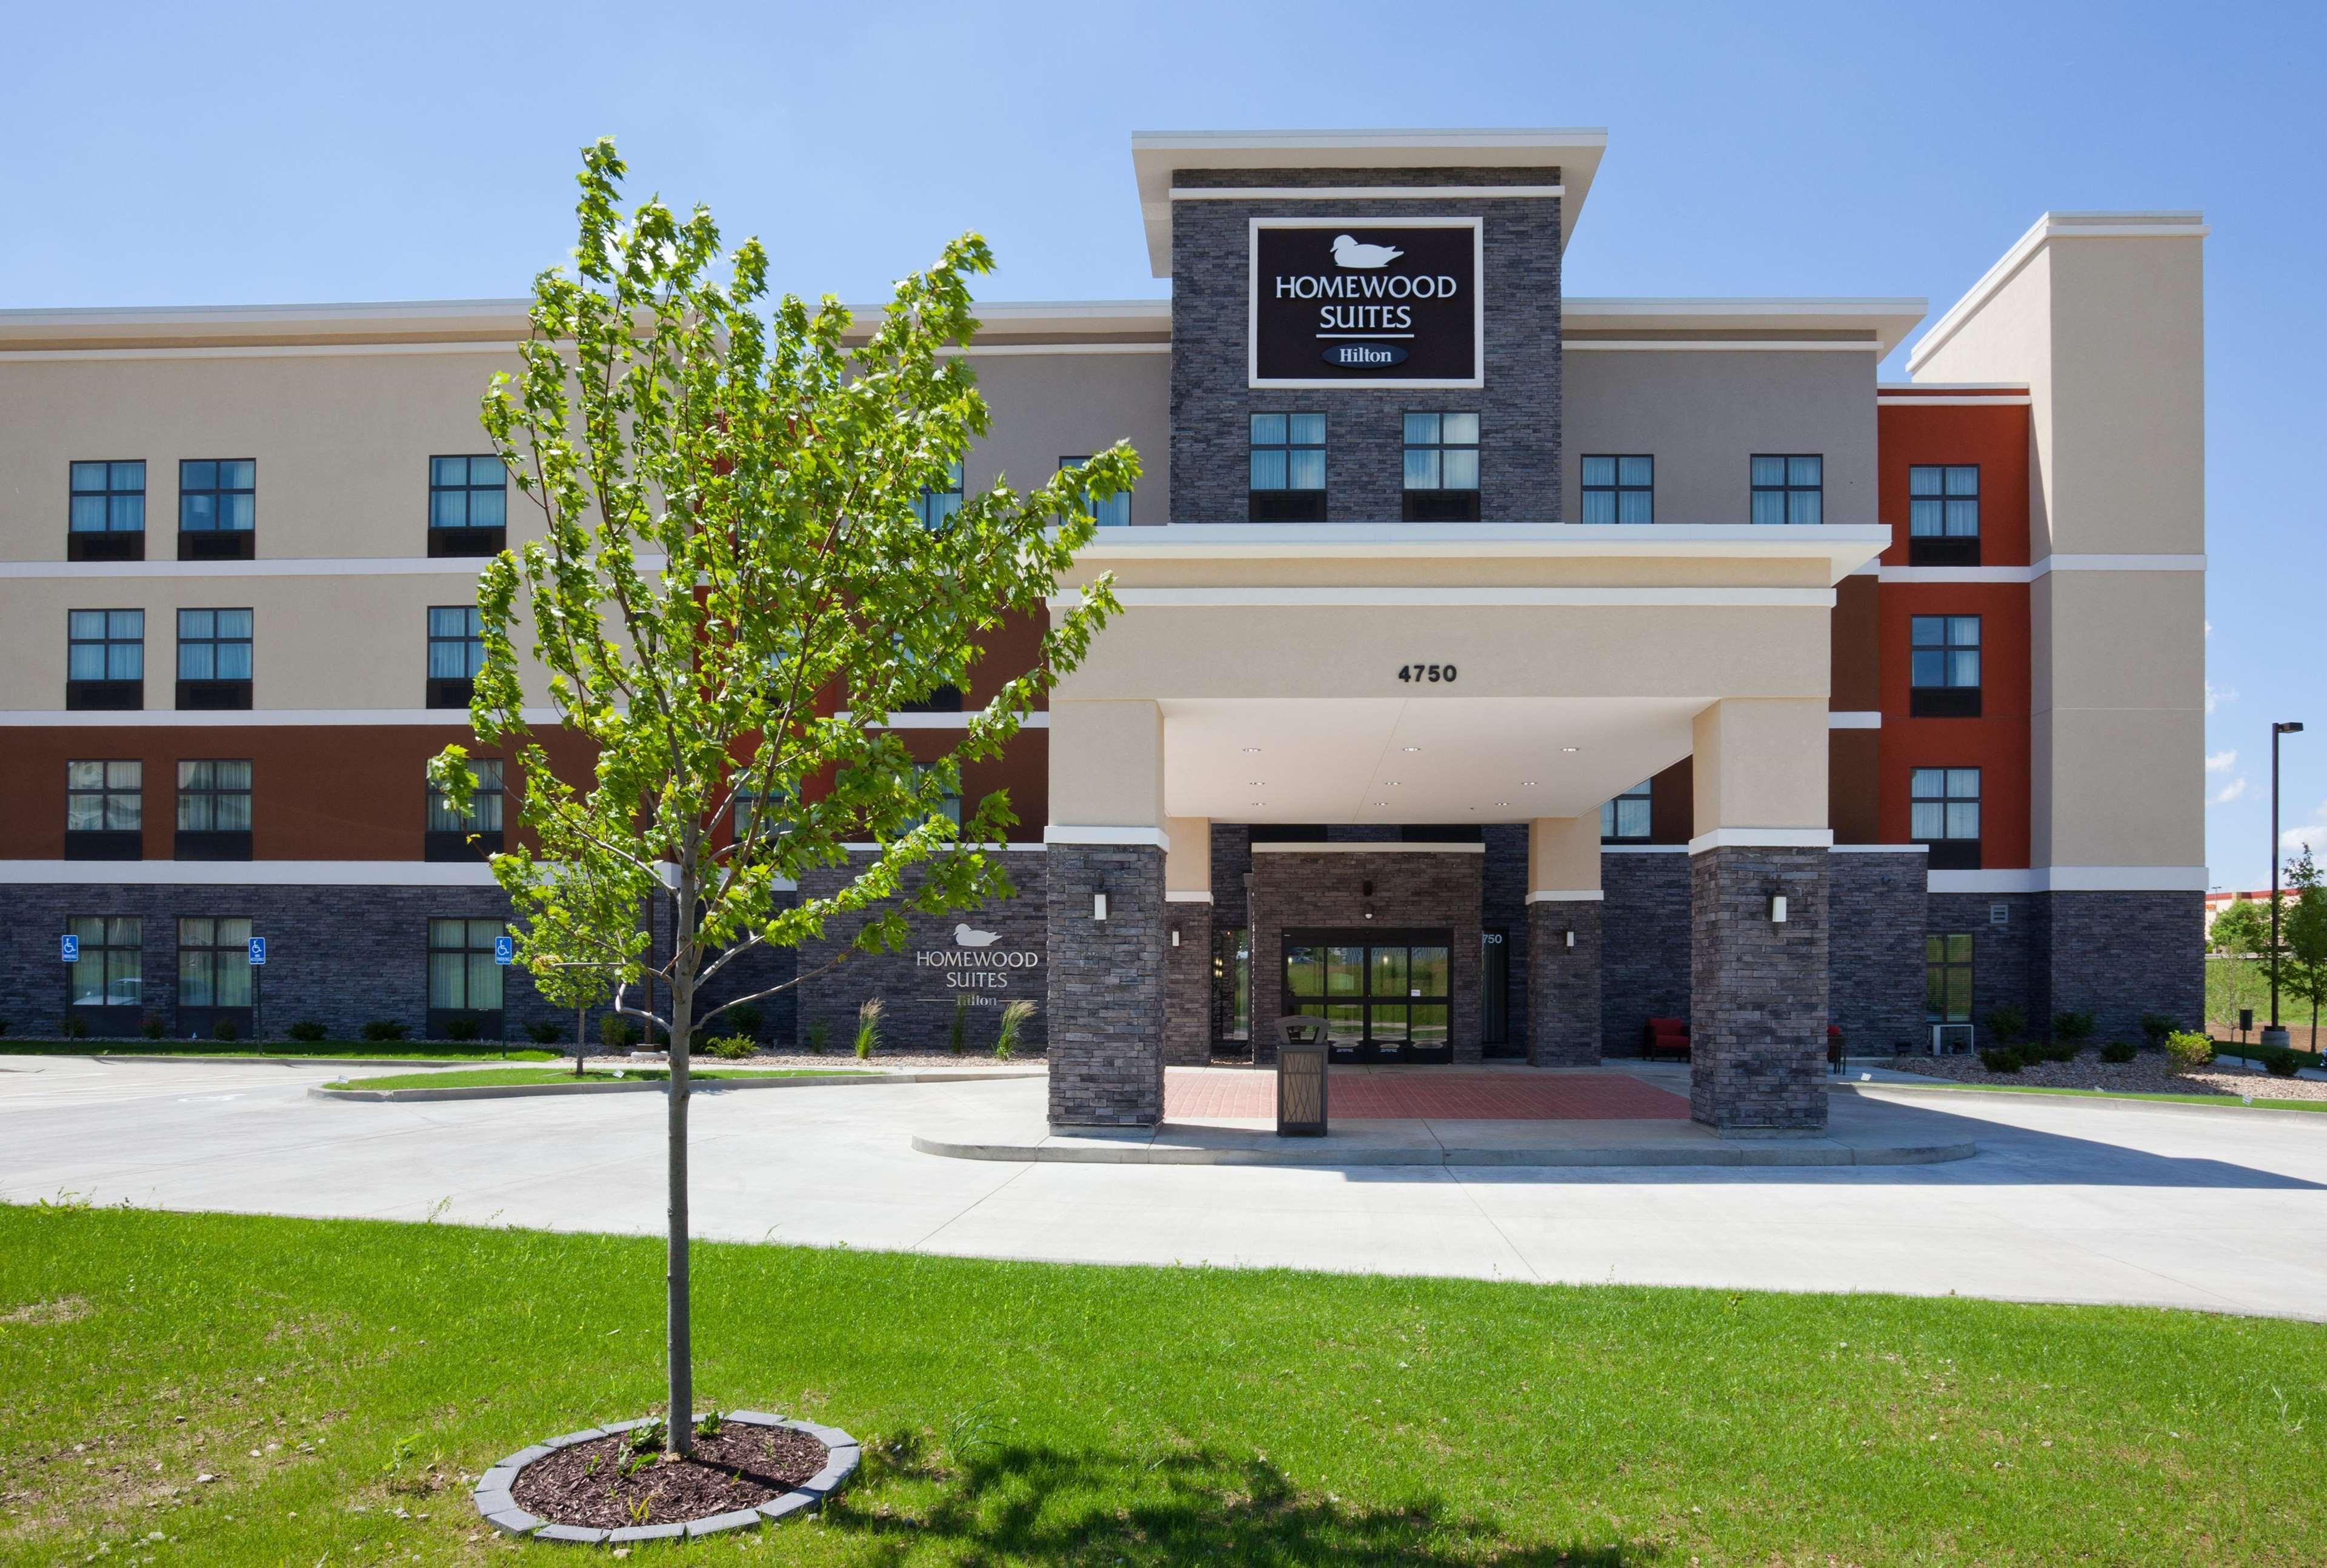 Homewood Suites by Hilton Davenport image 13